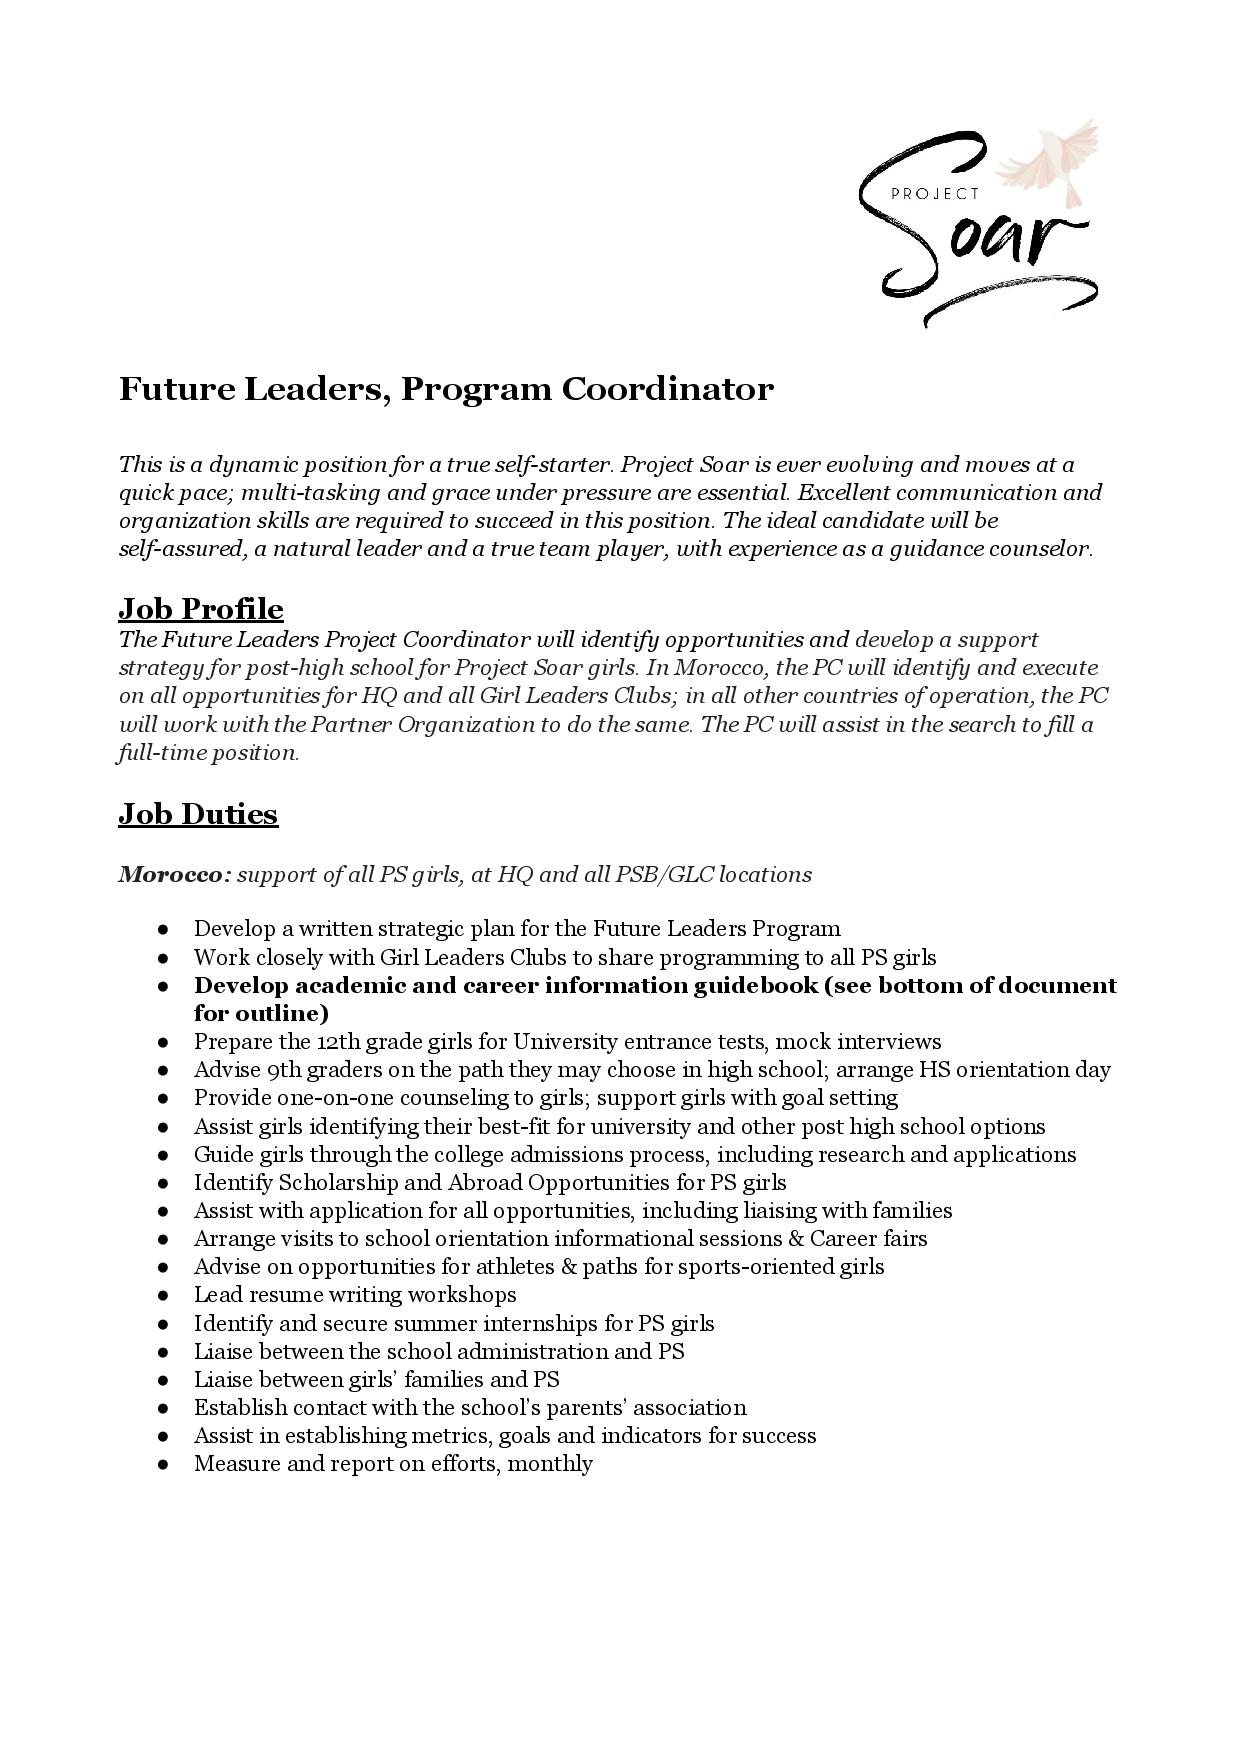 Future Leaders, Project Coordinator (Guidebook emphasis)Job Description (2)-page-001.jpg